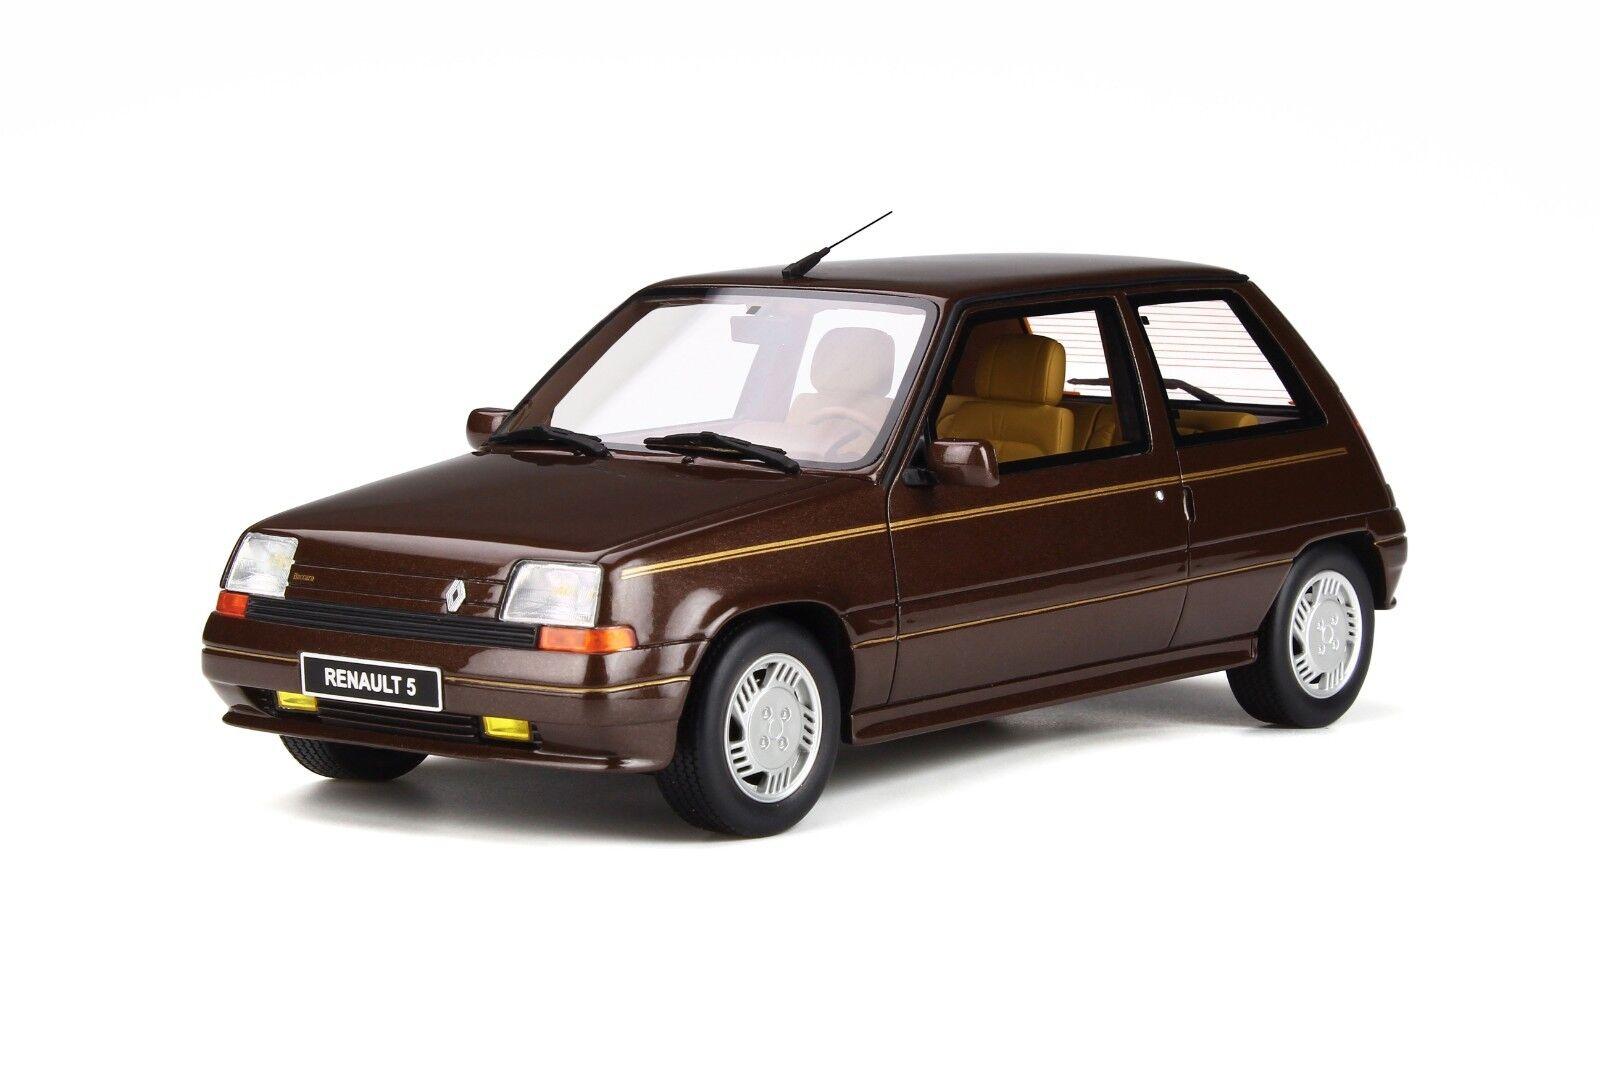 Renault  Super 5 Bacvoitureat  nouveau  Otto ot764  1 18  pour la vente en gros